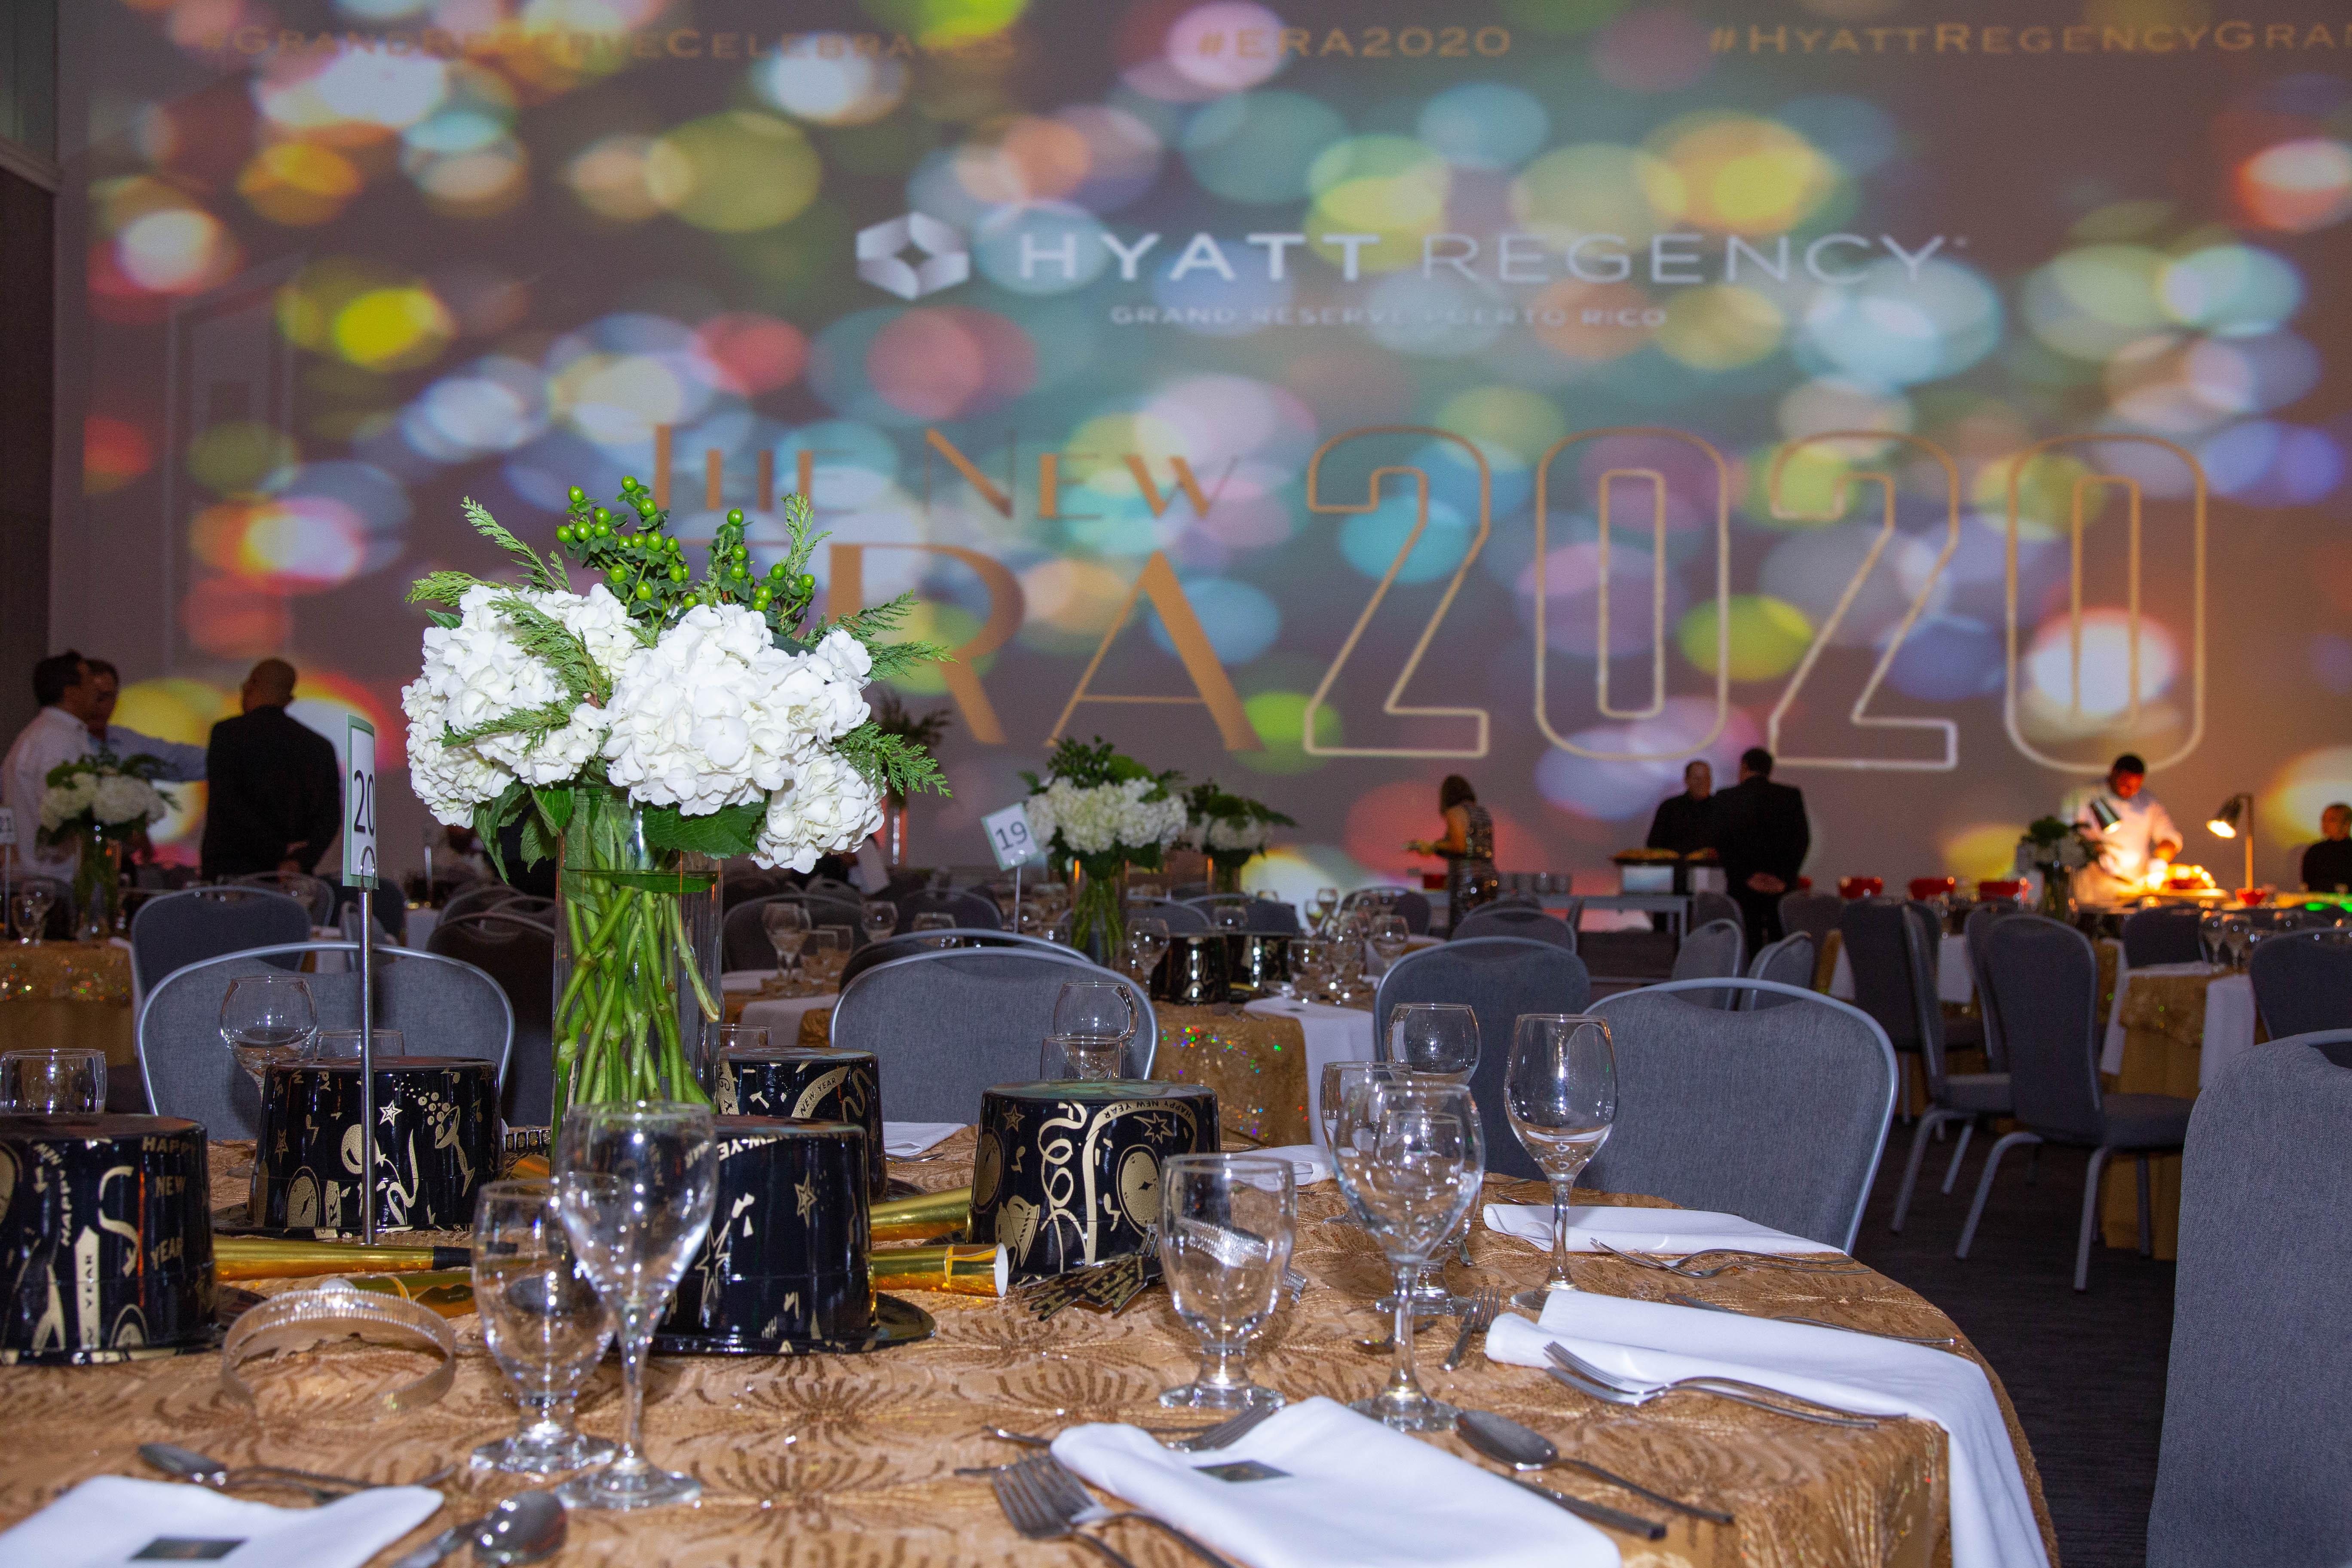 El chef ejecutivo, Efraín Cruz presentó una exquisita cena a la carta que fue la delicia de todos los asistentes. (Suministrada)